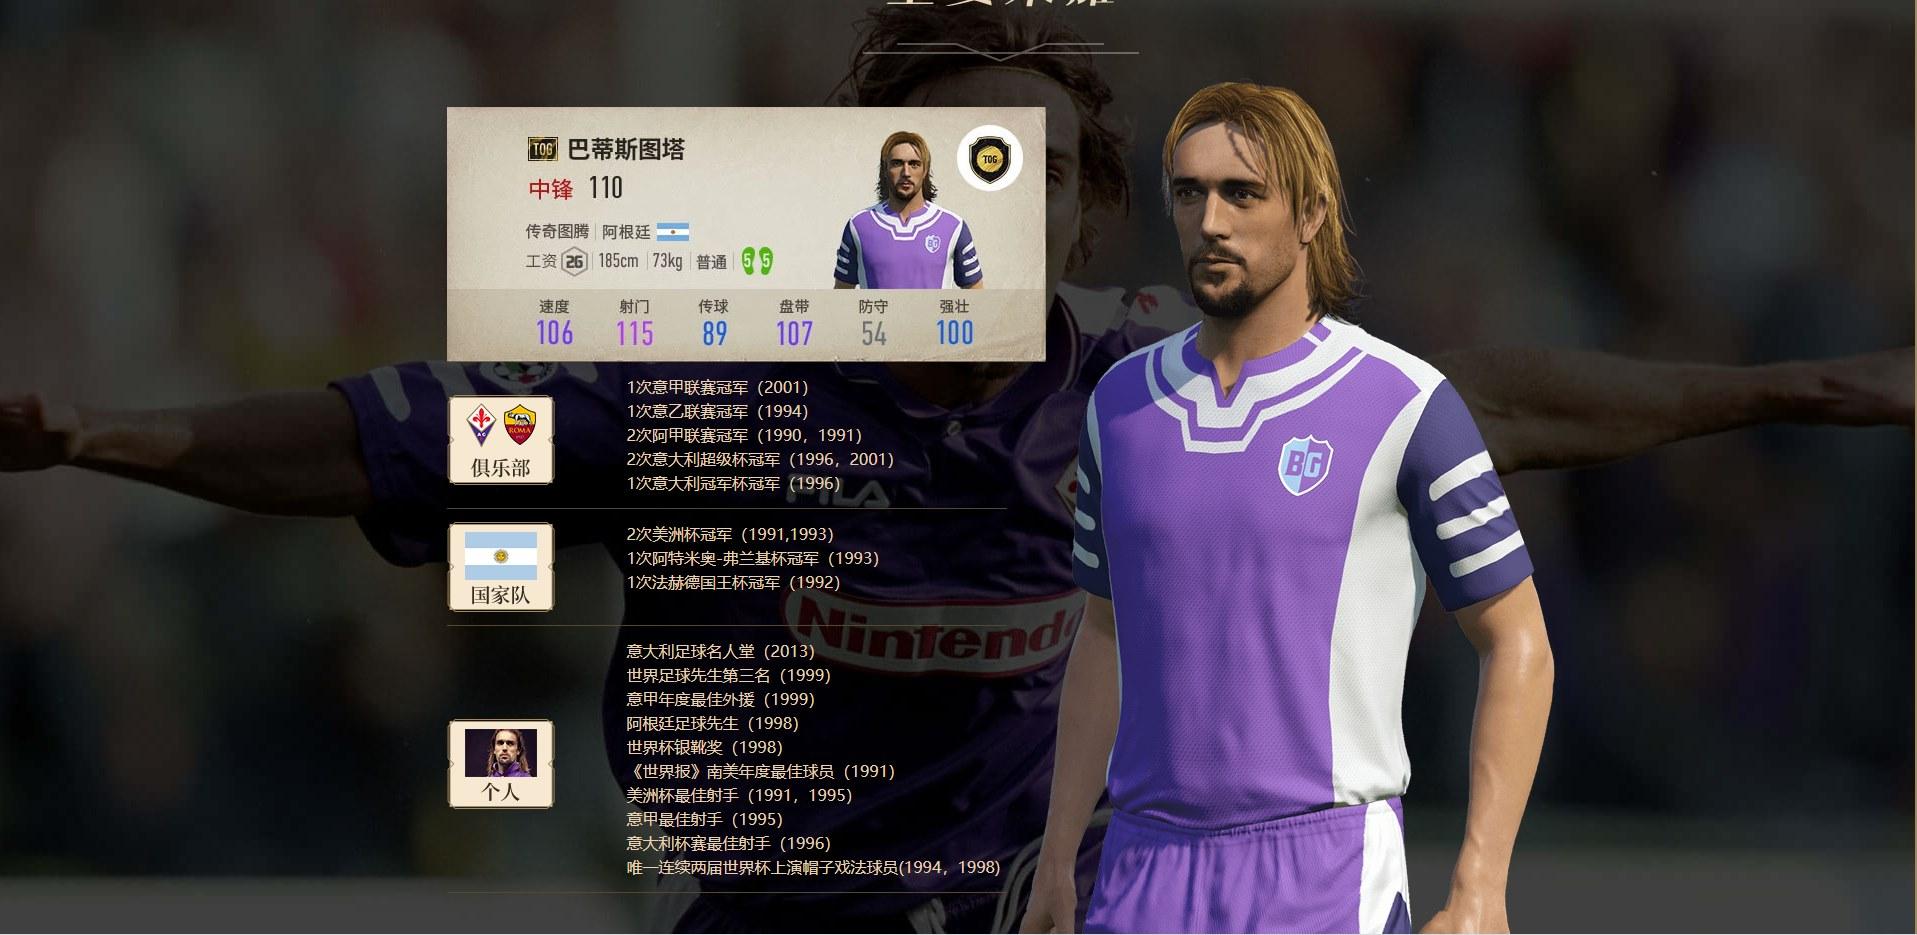 FIFA ONLINE 4   Server Trung Quốc hé lộ chính thức ra mắt Batigol - G. Batistuta mùa thẻ TOG mới